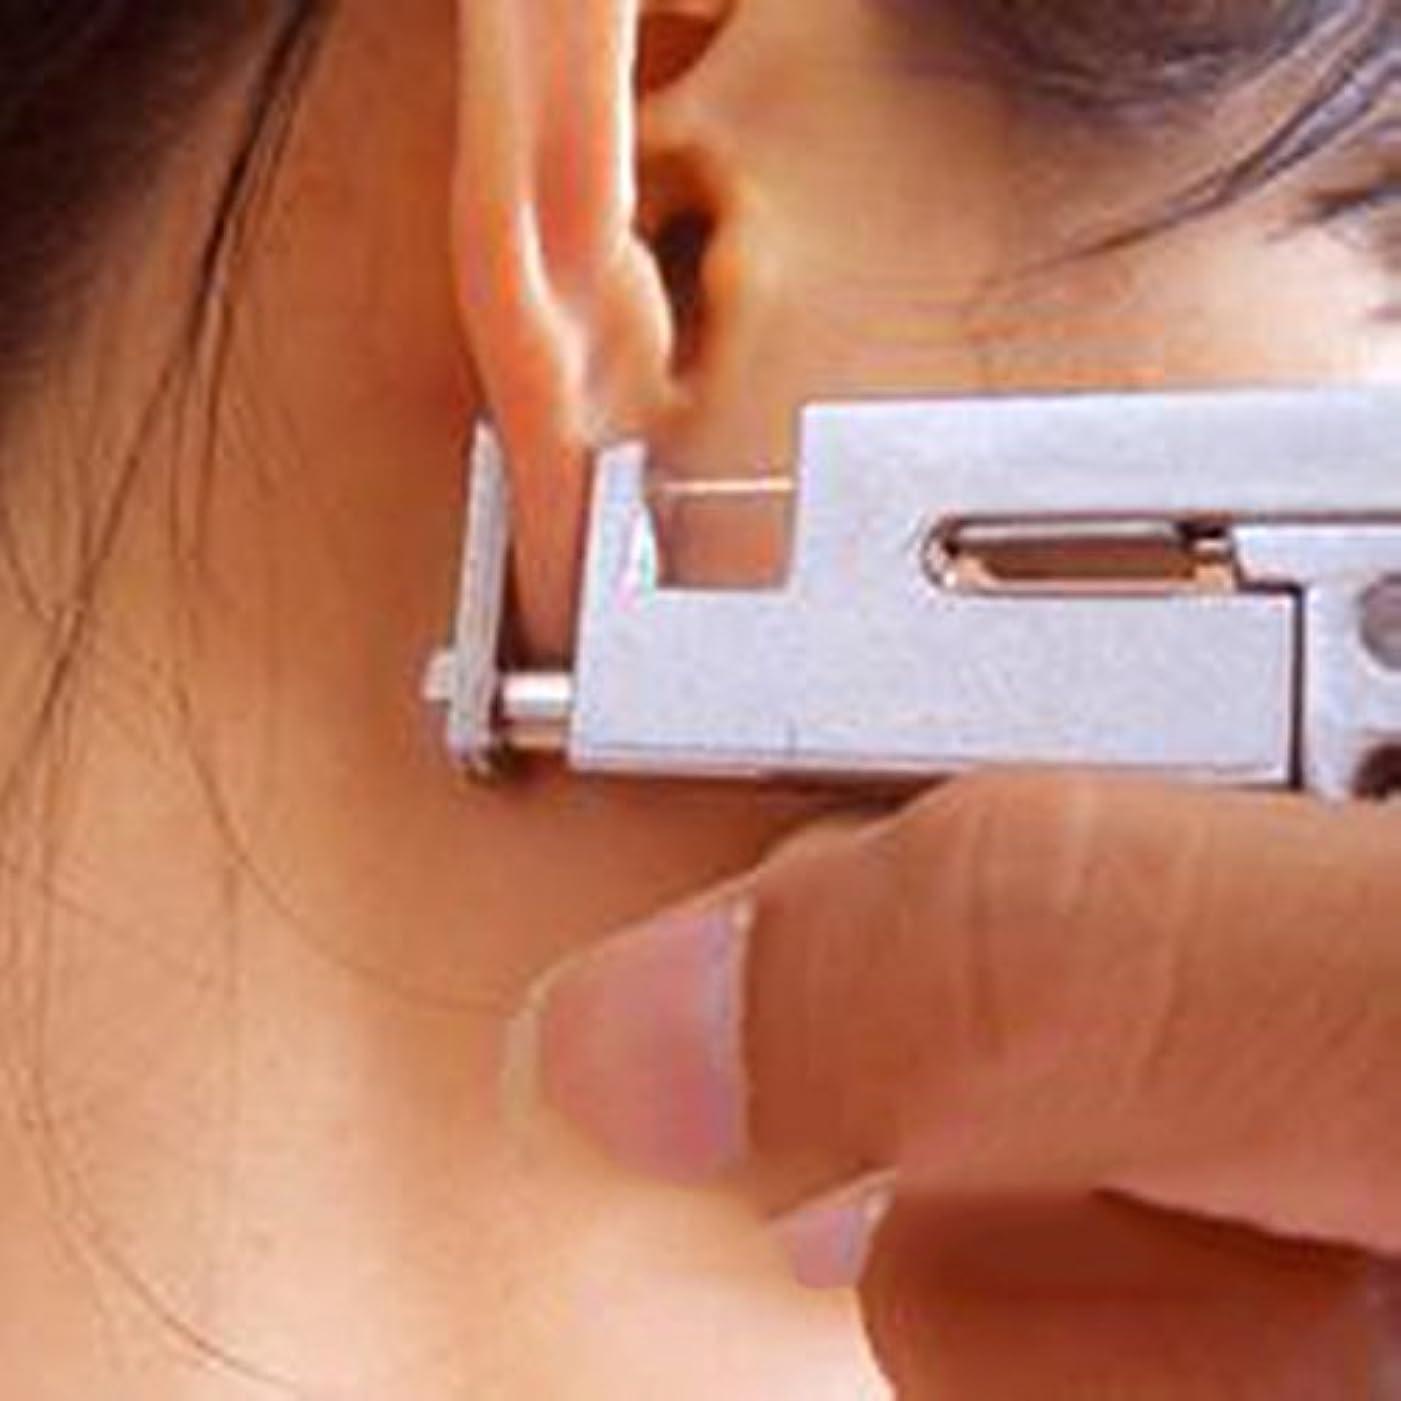 ブラケット全国尋ねるプロの耳ボディ鼻ピアスガン 工作機械キットセット+ 98個スチールスタッド 使いやすい